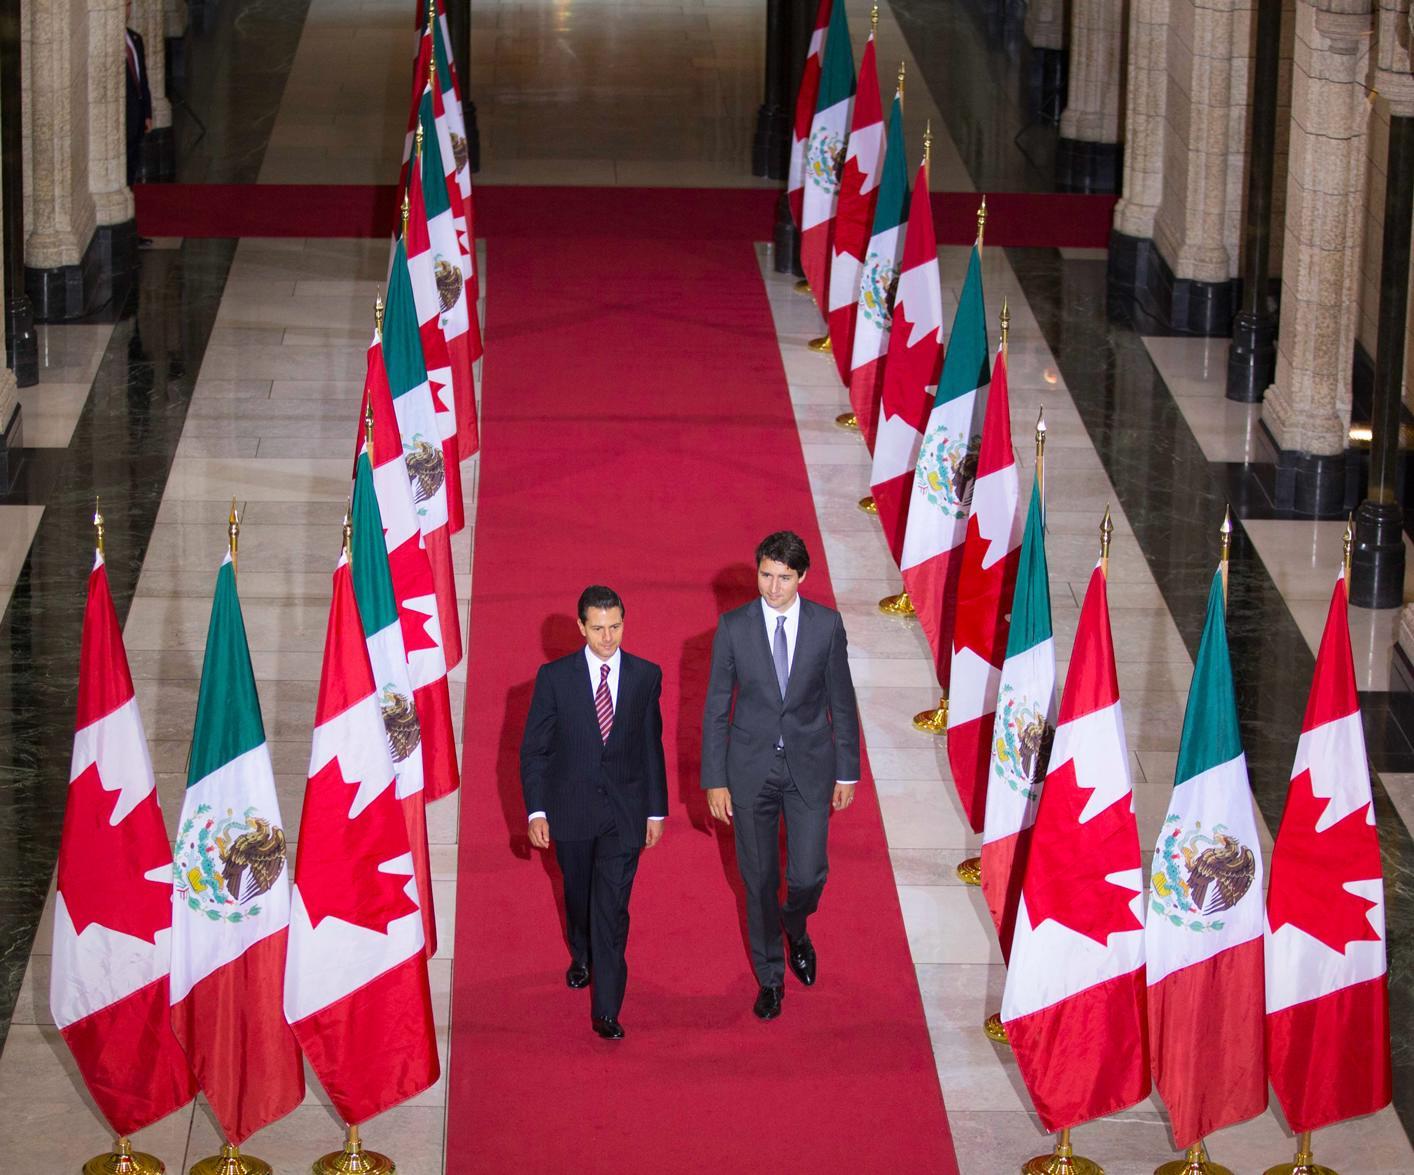 Los mandatarios de México y Canadá caminan juntos, previo a la conferencia de prensa.